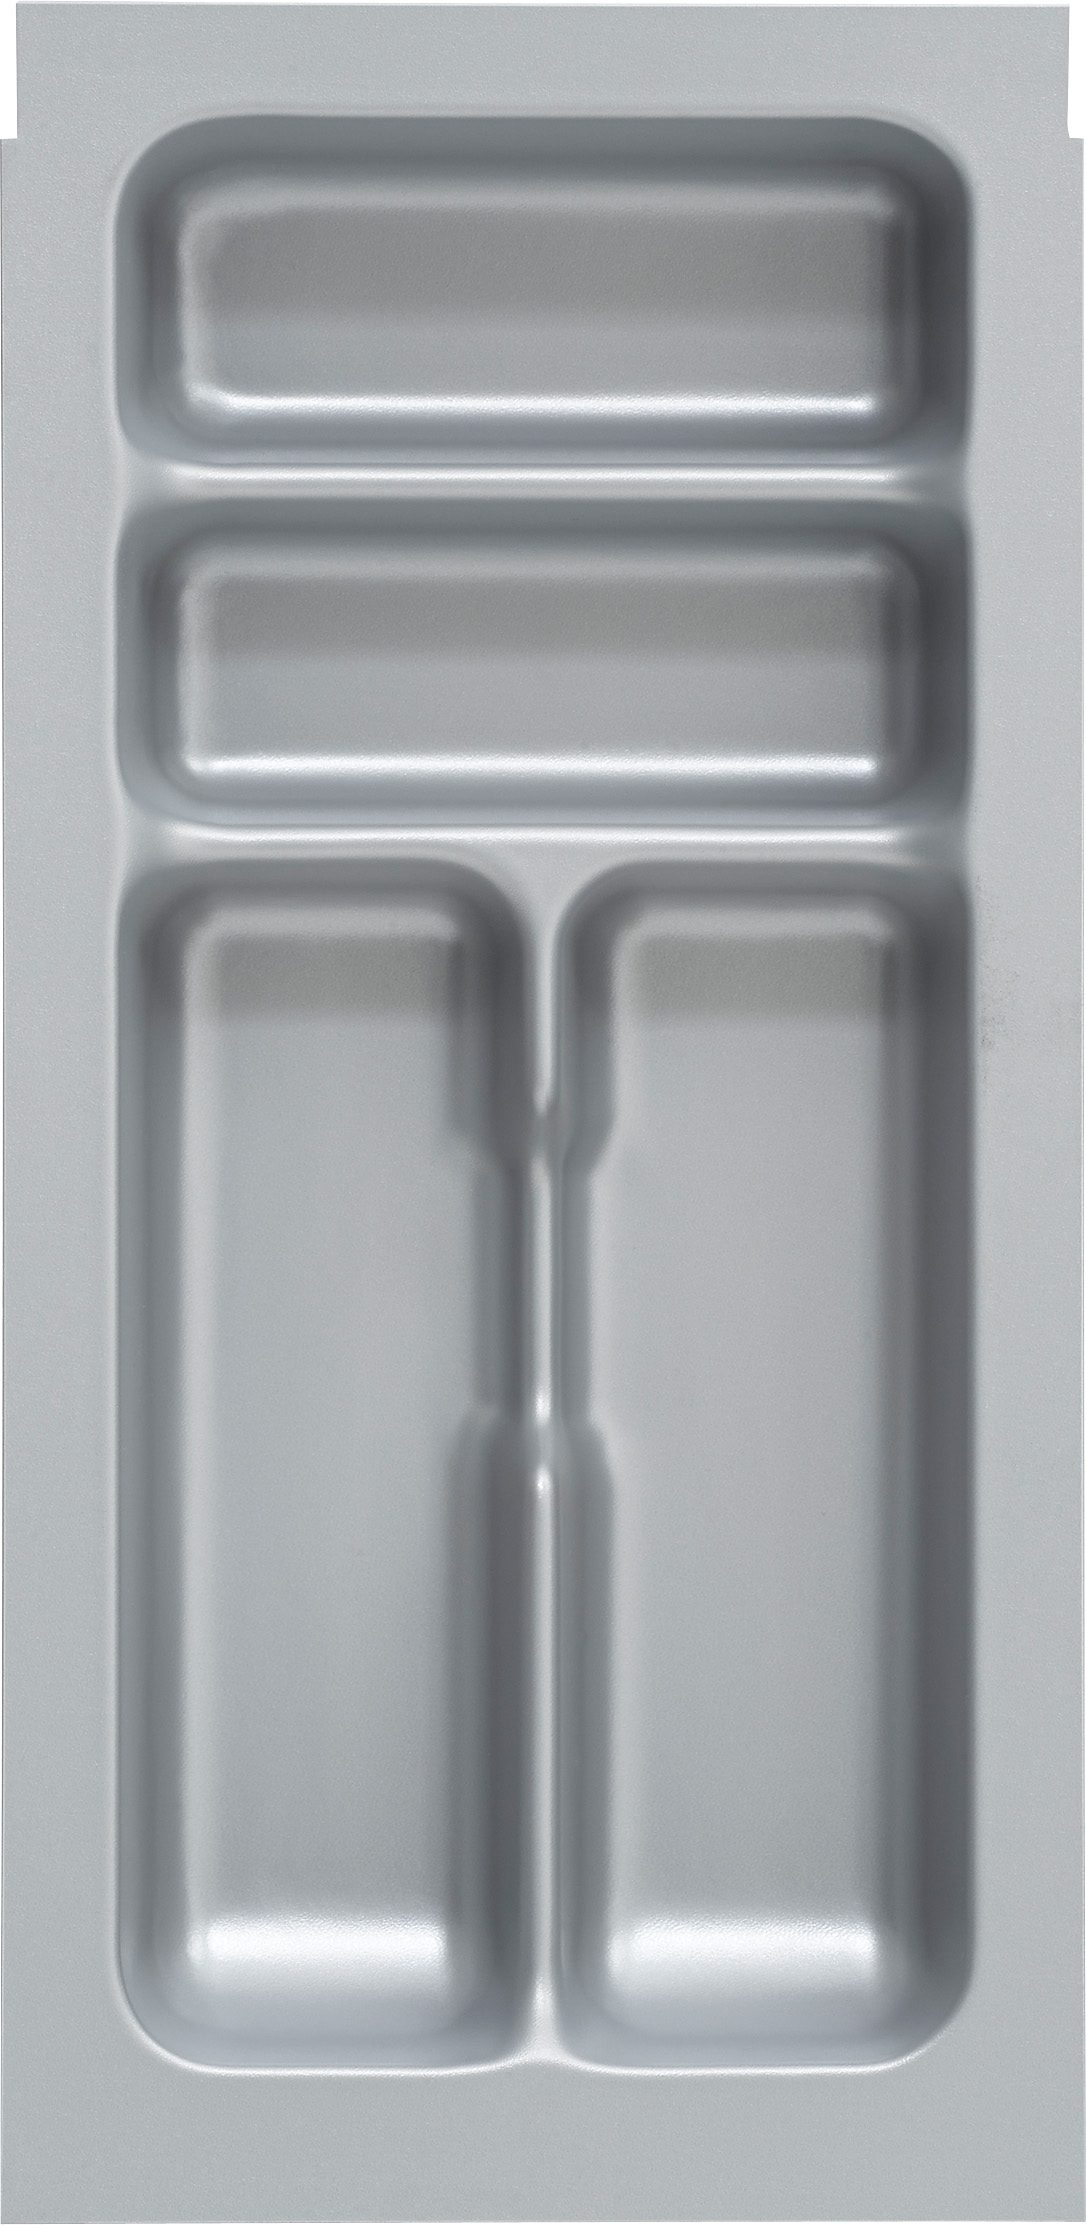 Besteckeinsatz 30 cm, OPTIFIT